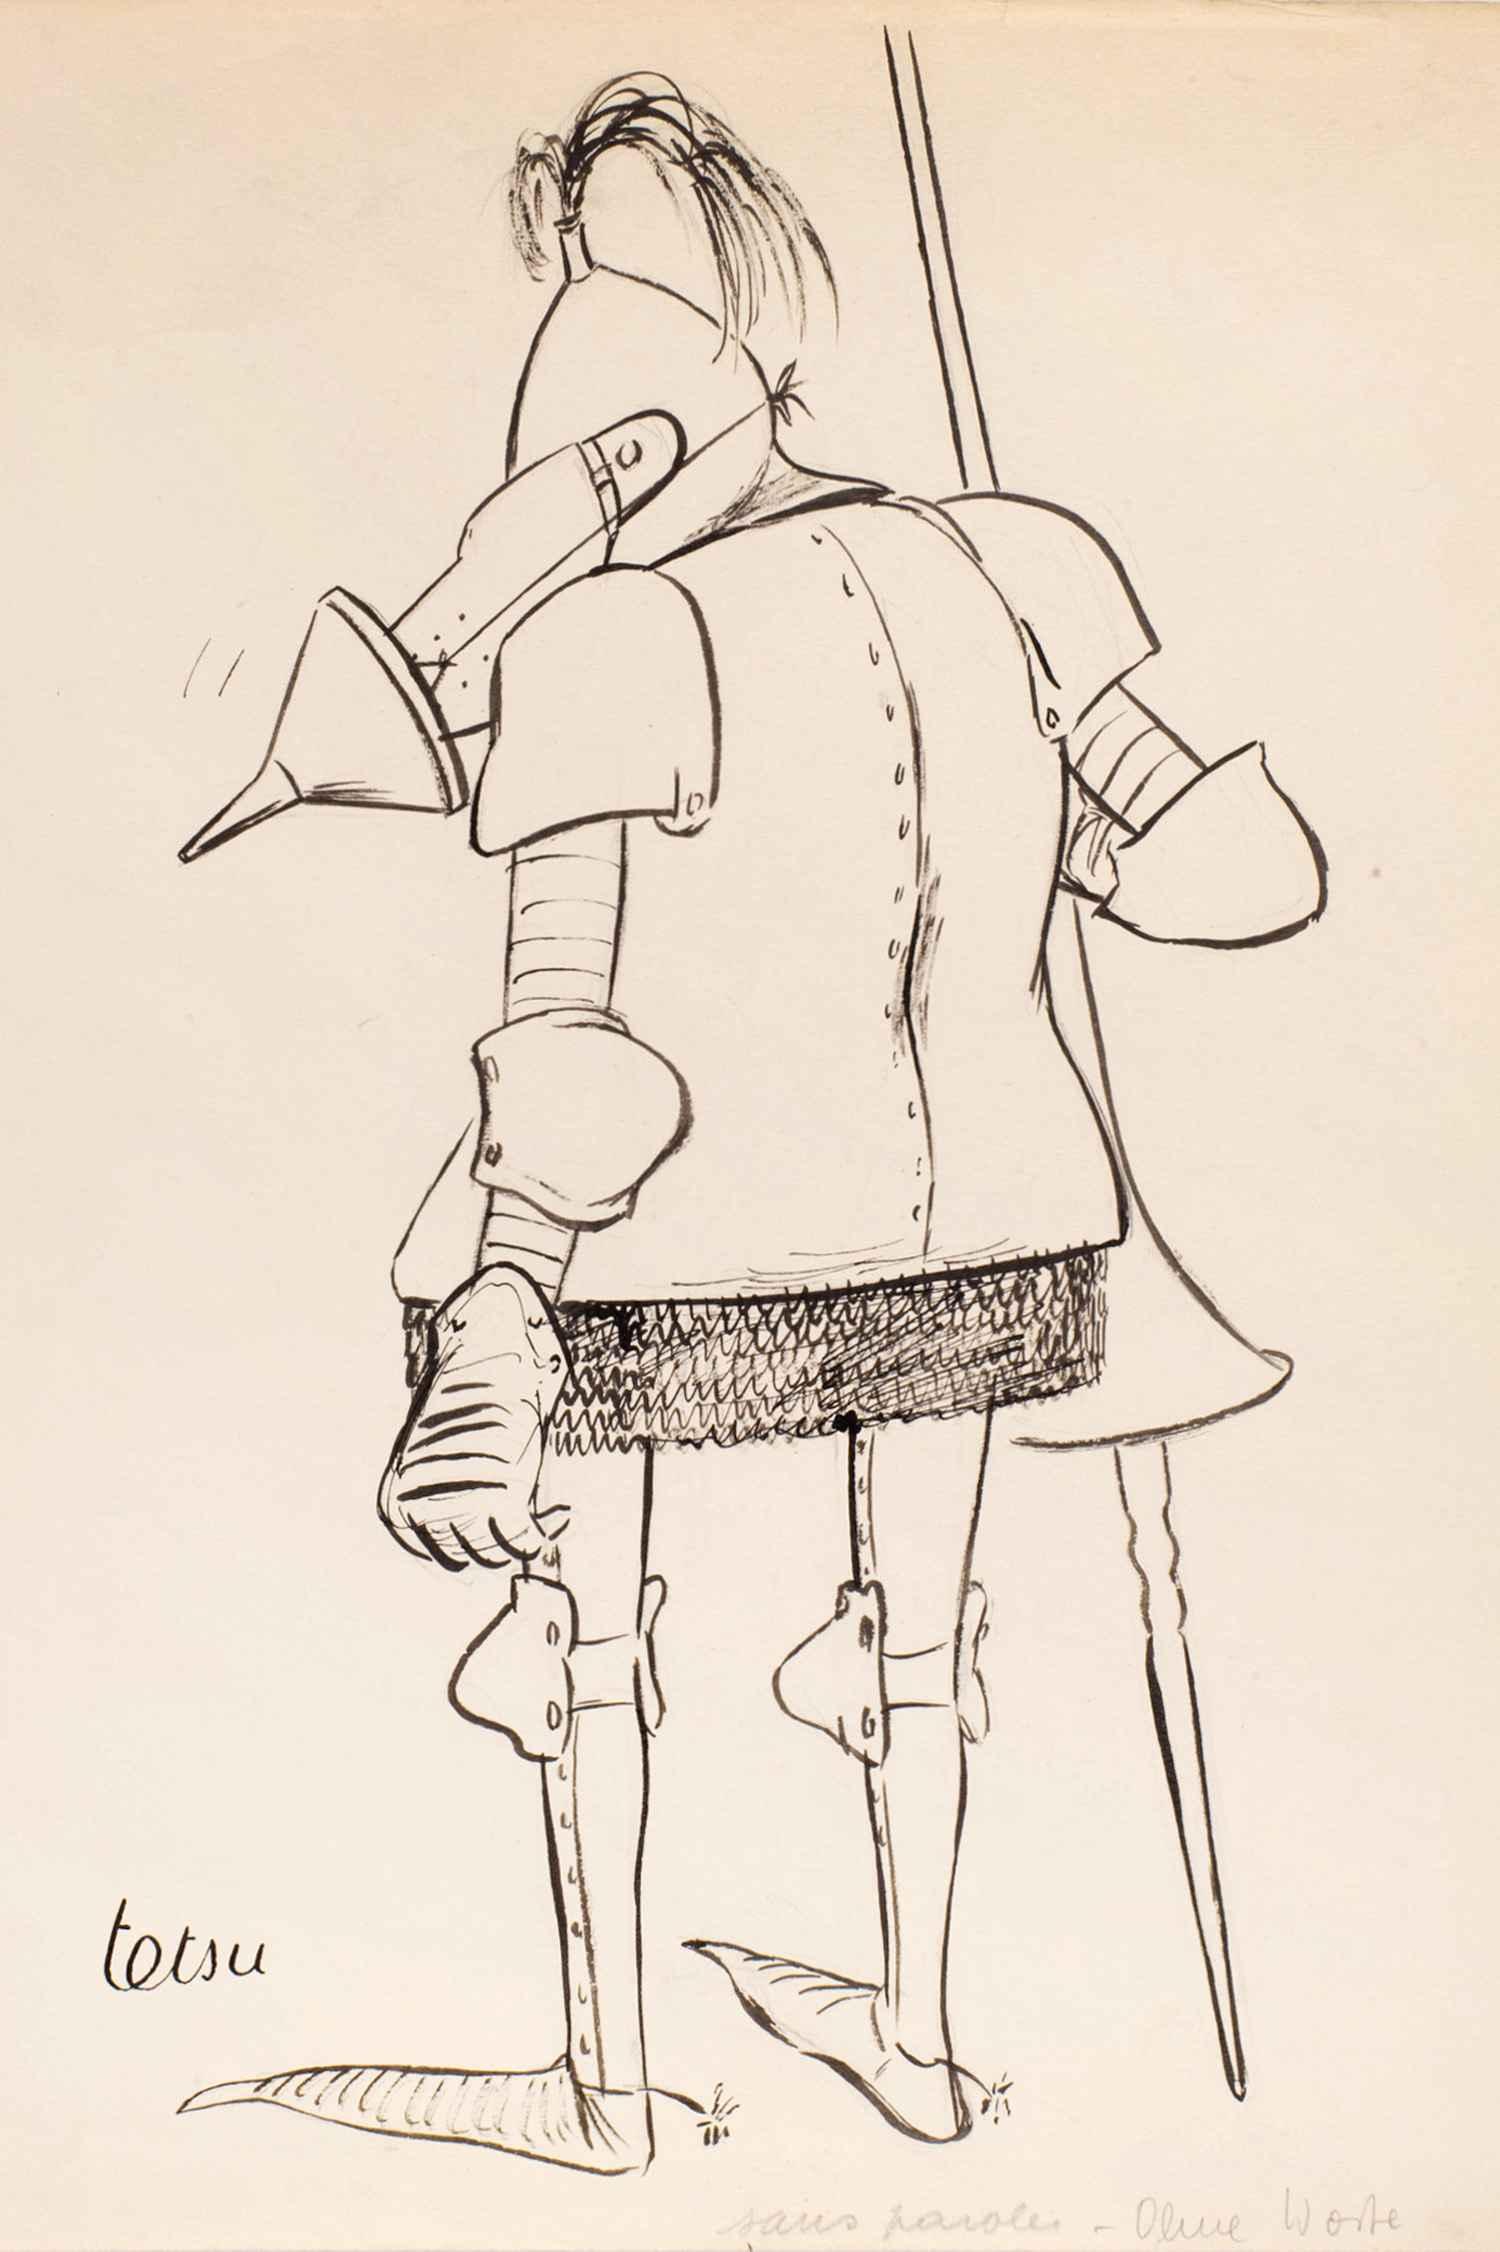 L'armure | L'armure |